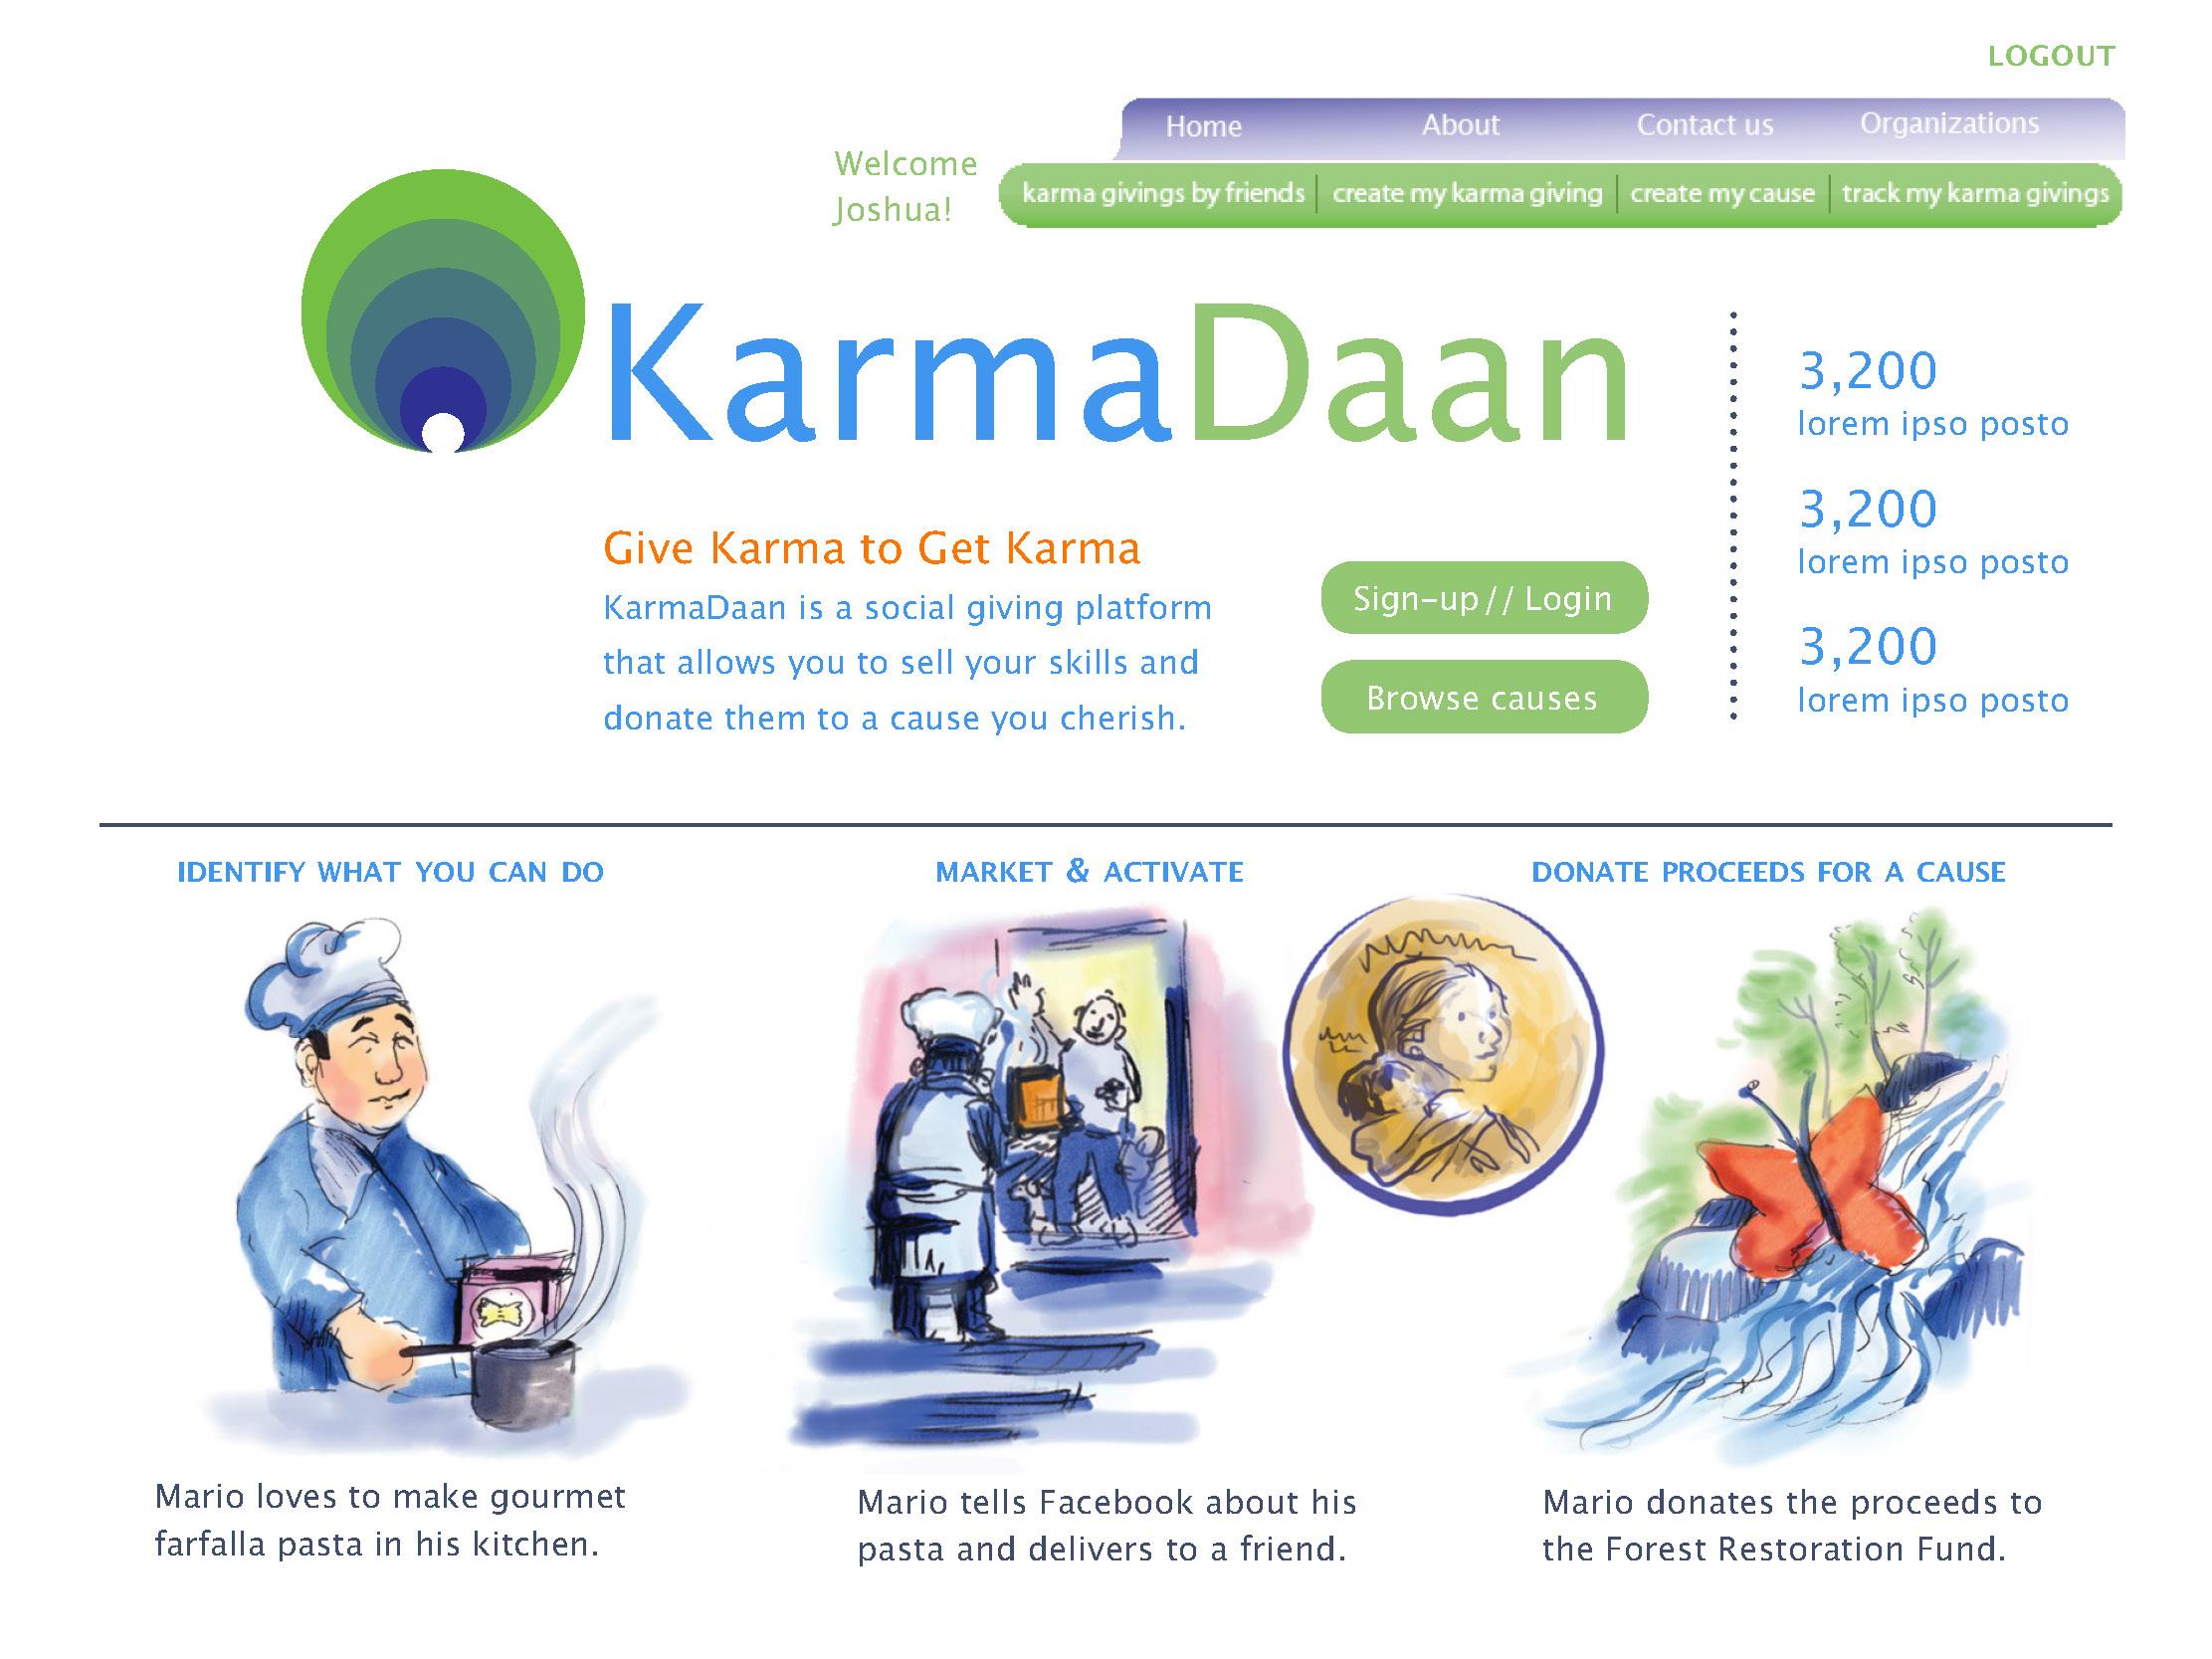 KarmaDaan-11-26-12_Page_07.jpg